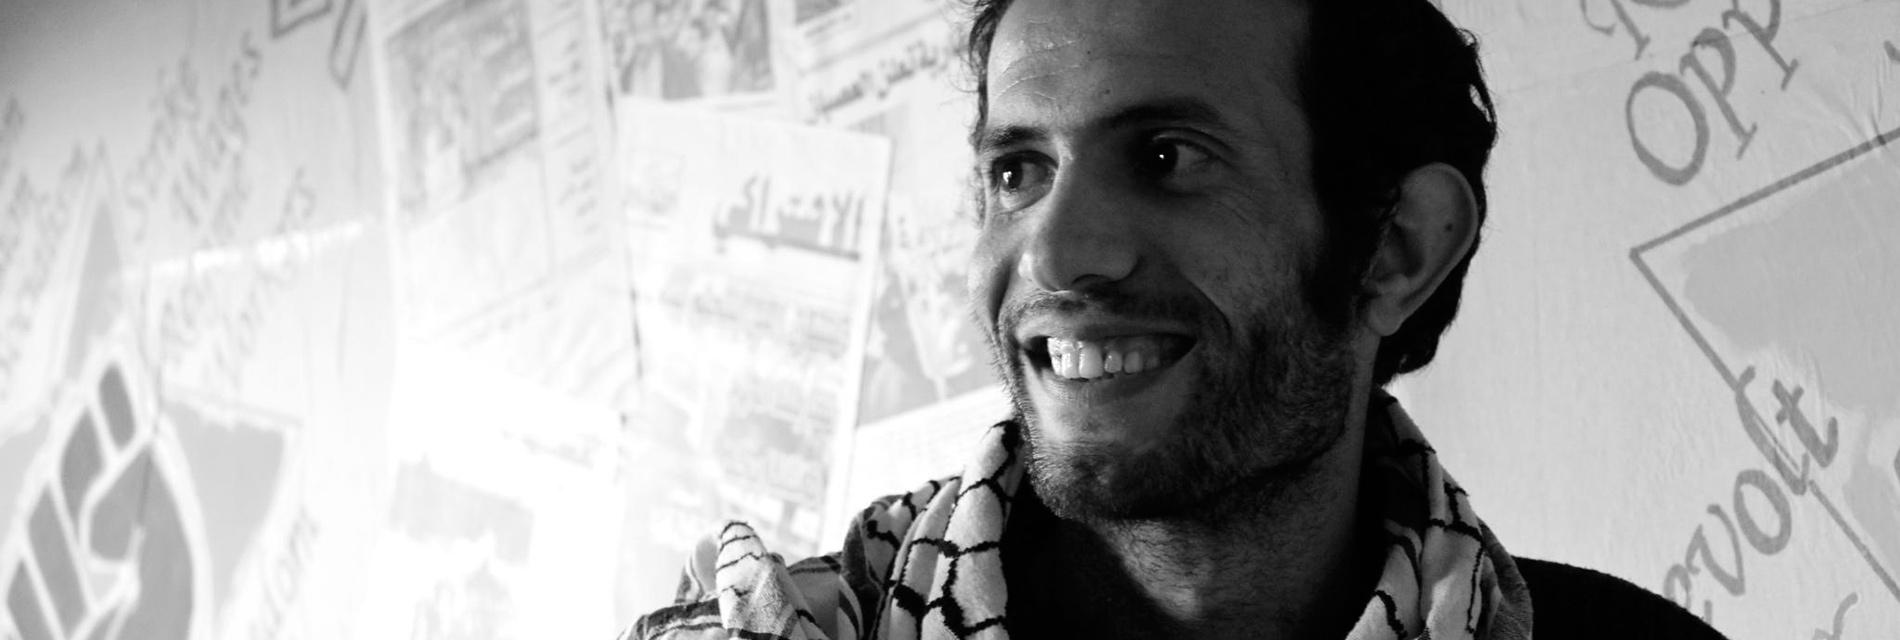 المحامي العمالي هيثم محمدين